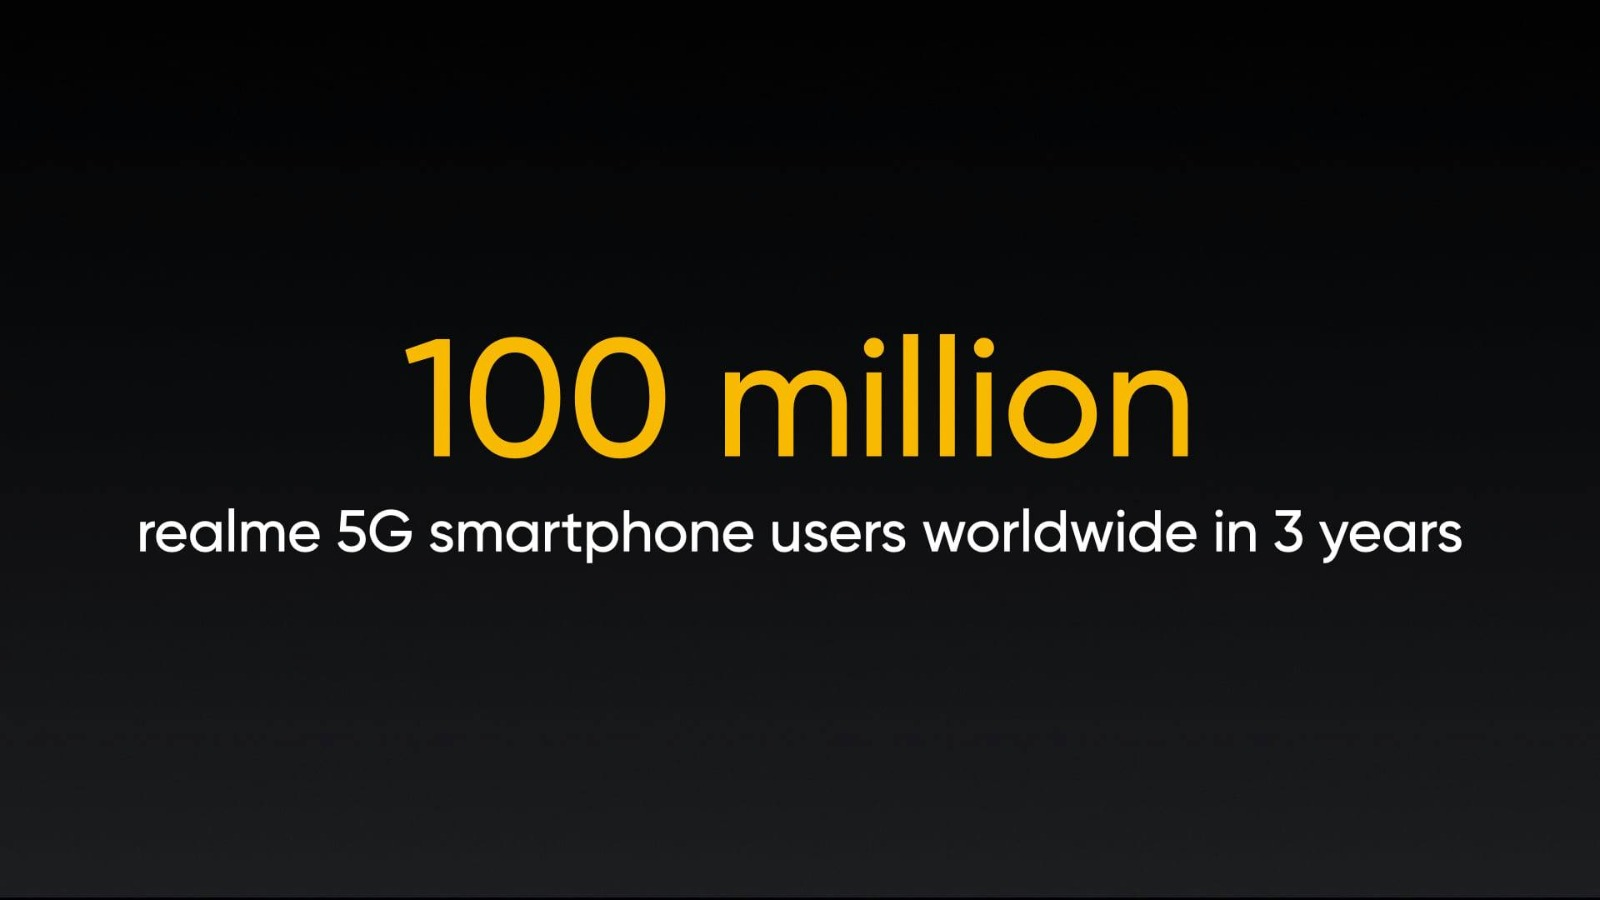 realme promite să aducă telefoanele cu 5G la peste 100 de milioane de tineri